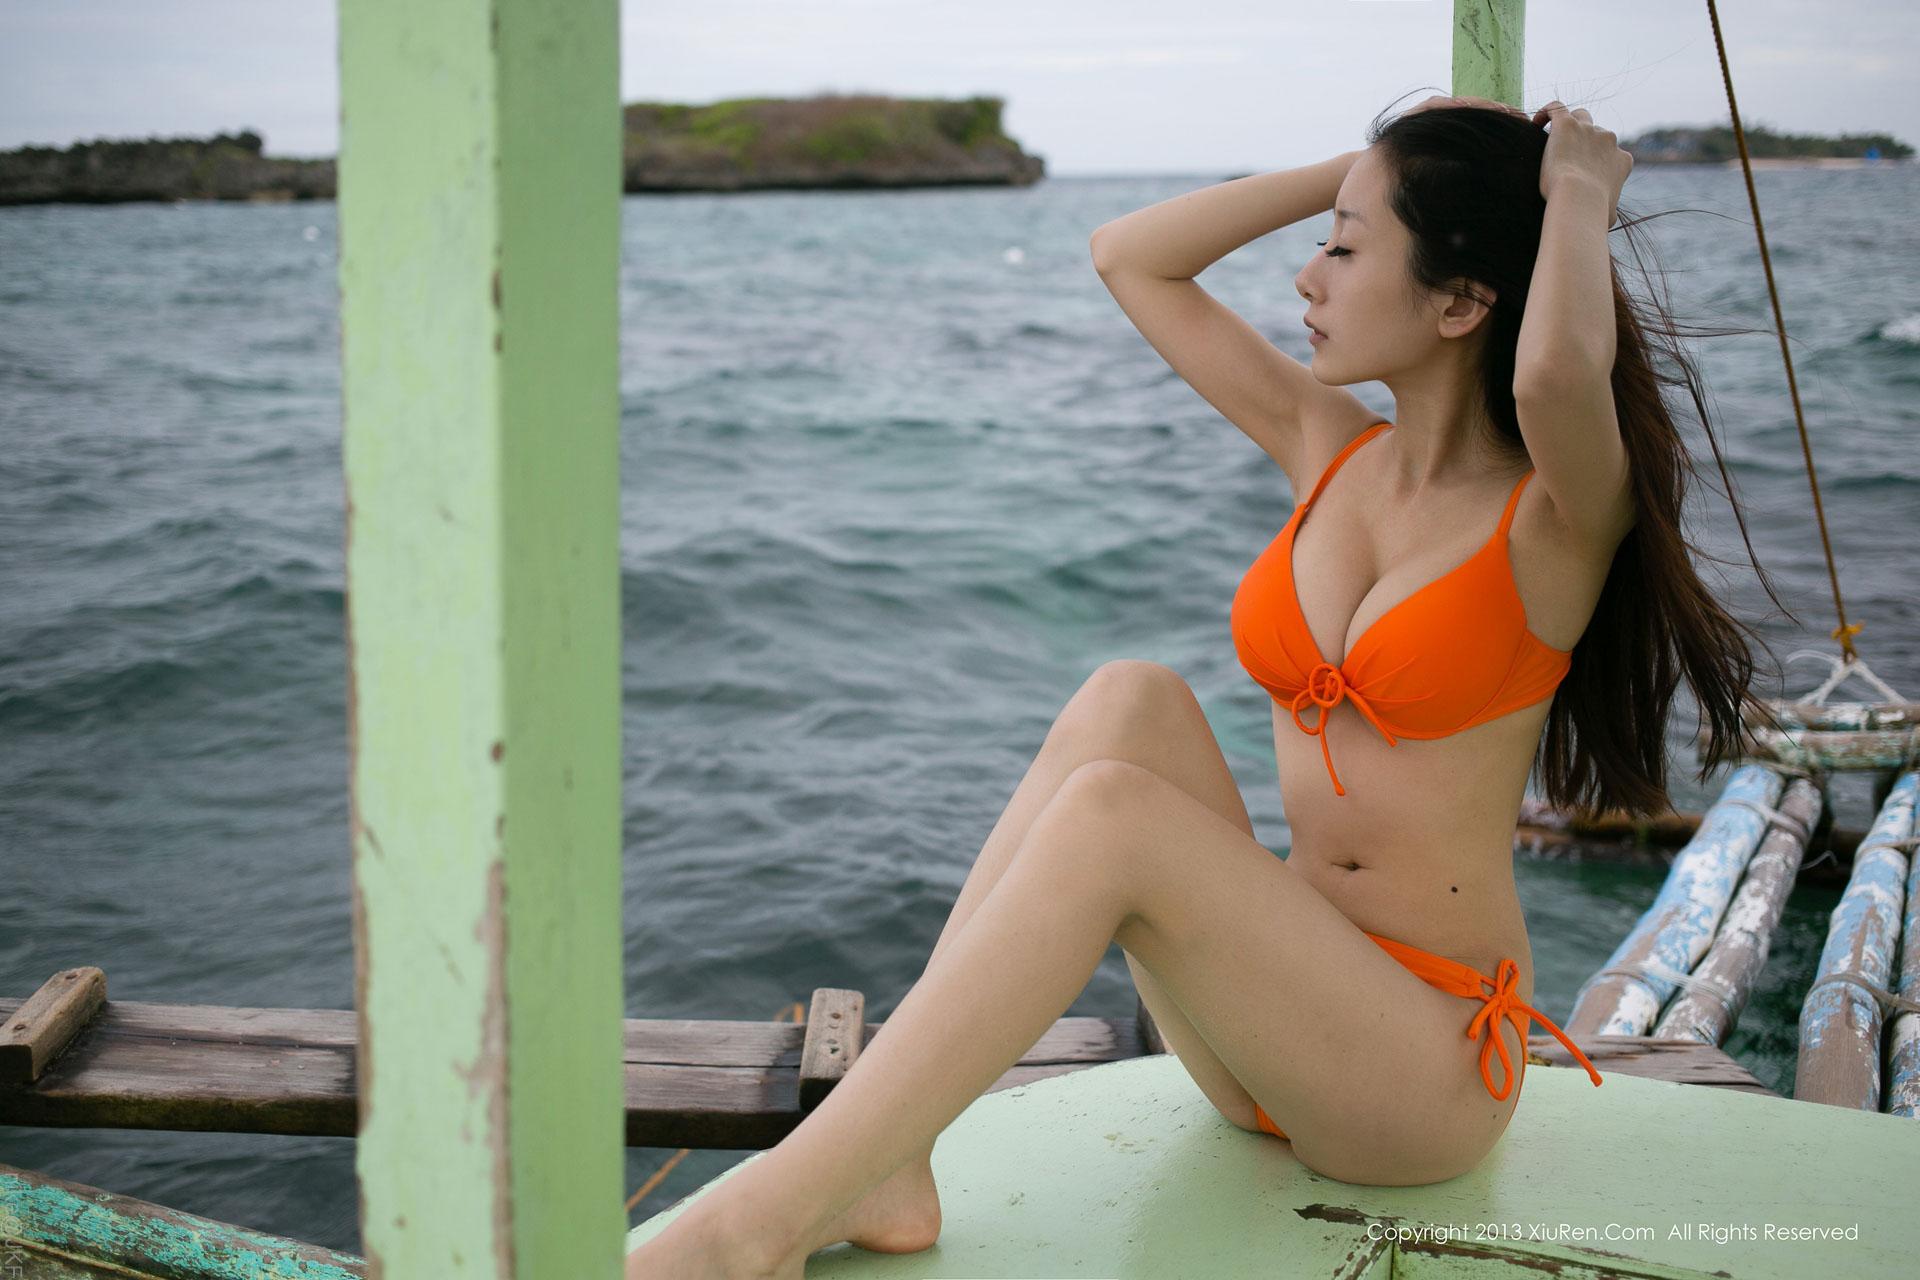 海邊約會小小白思宜比基尼下的白嫩性感曲線盡收眼底[XiuRen秀人]028 - 貼圖 - 清涼寫真 -